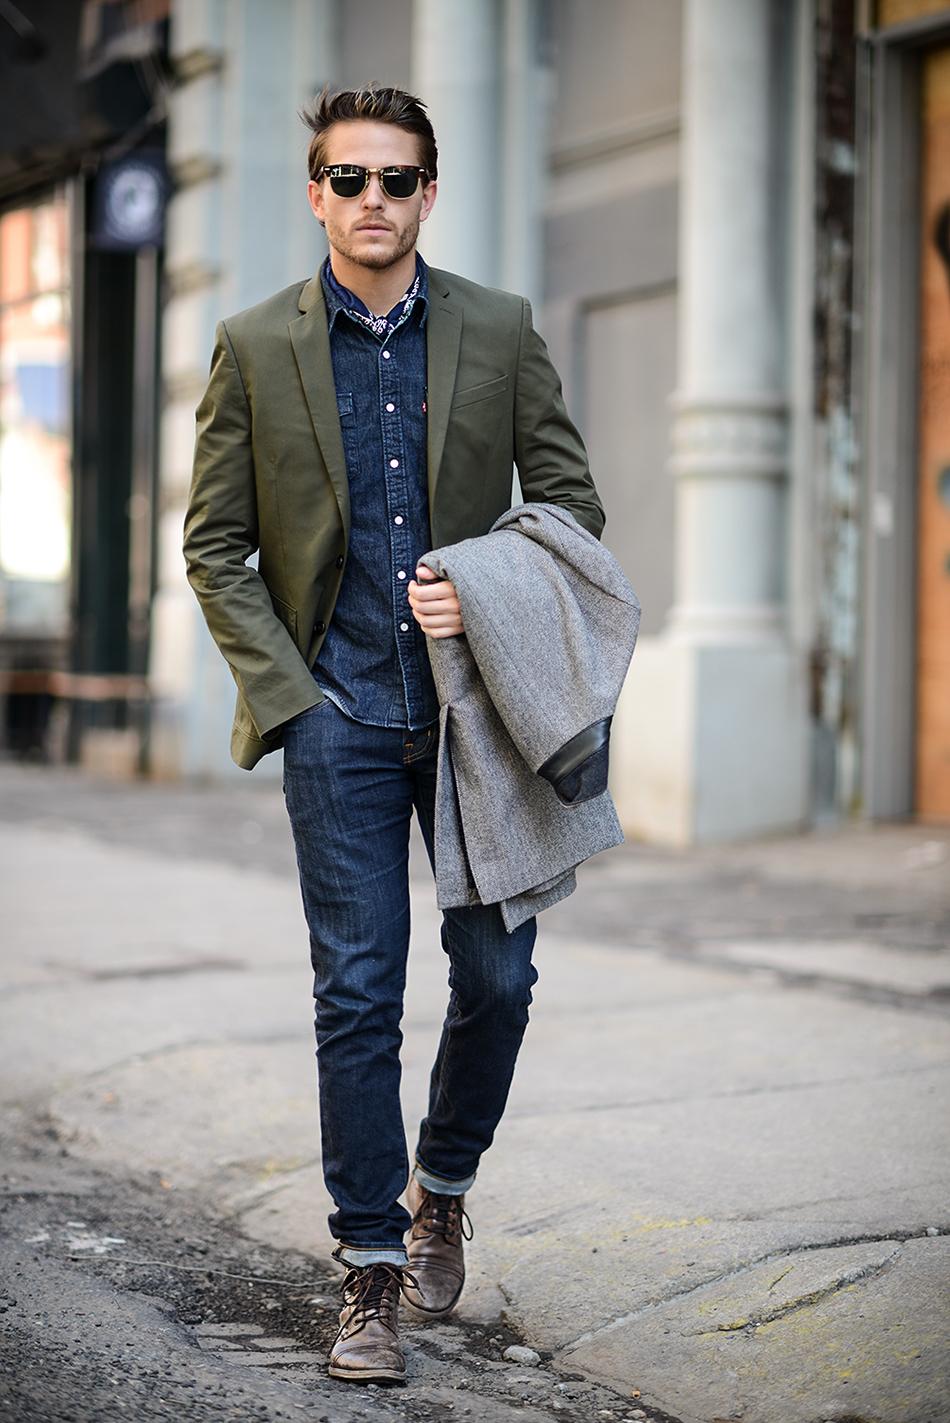 Stretch denim shirt with a blazer